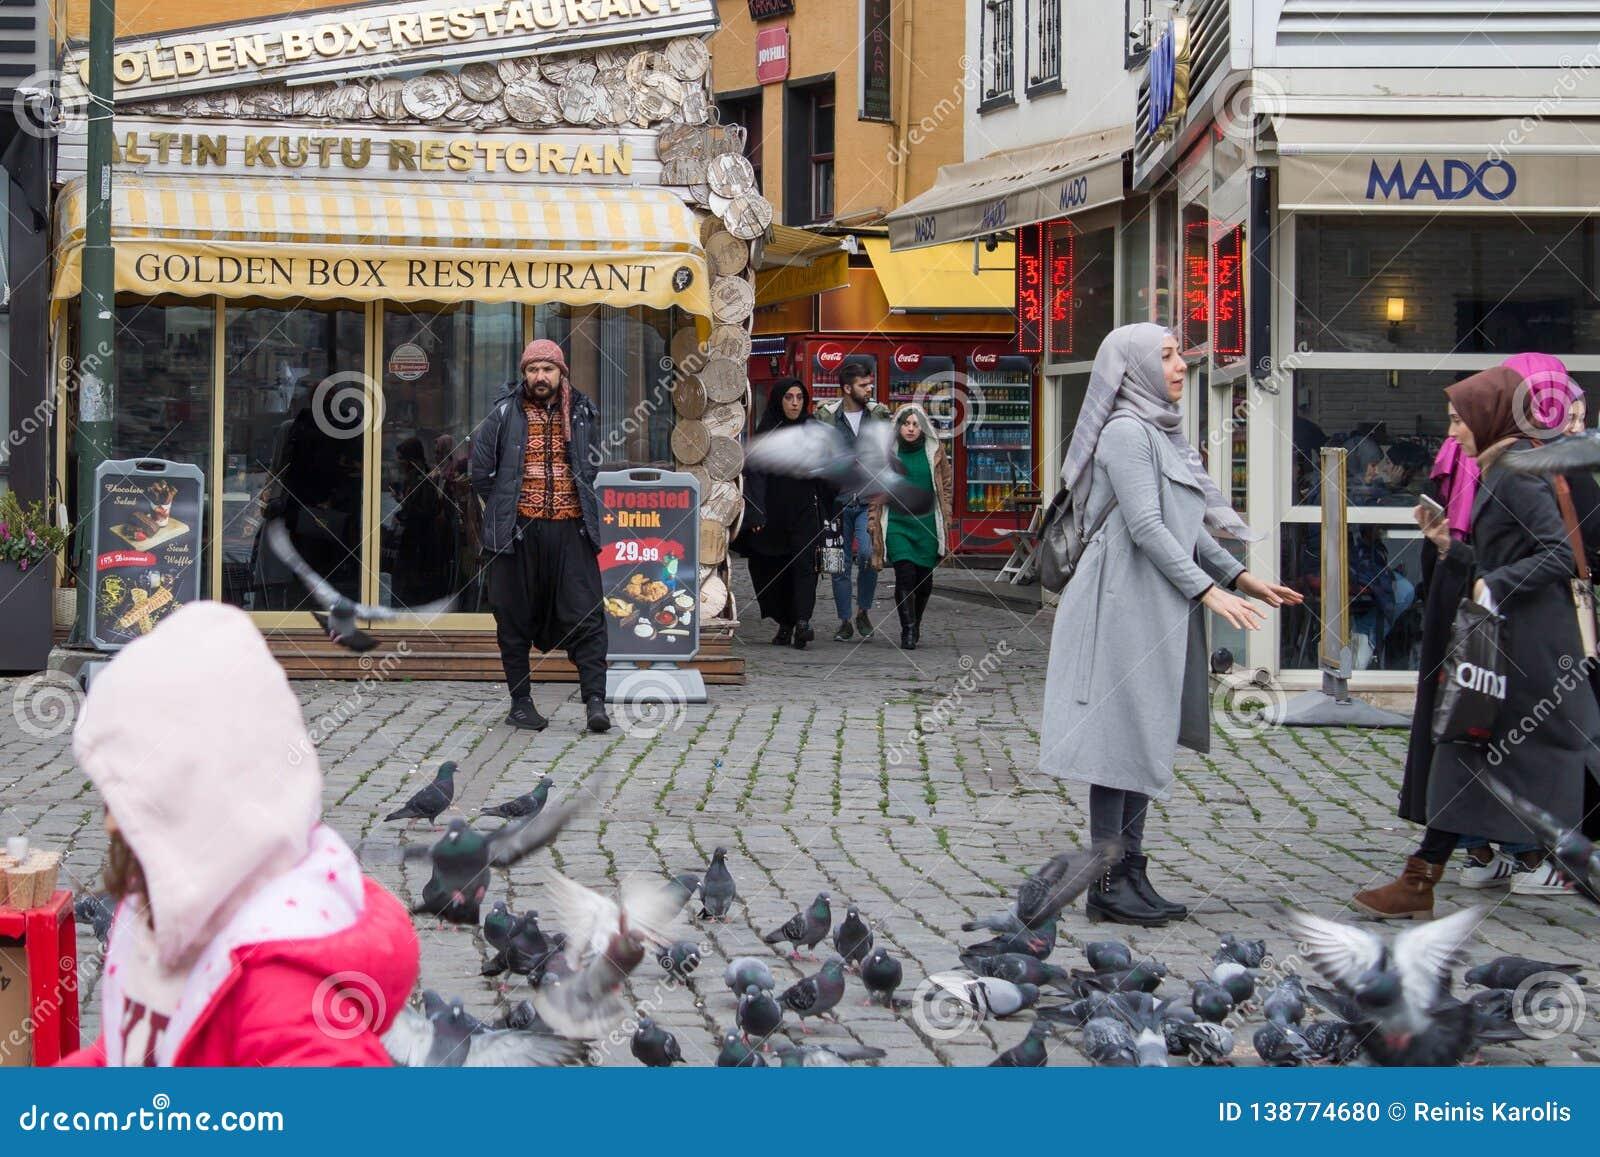 Estambul Turquía - 31 de enero de 2019: Un hombre está haciendo publicidad del restaurante mientras que la gente alimenta y coge